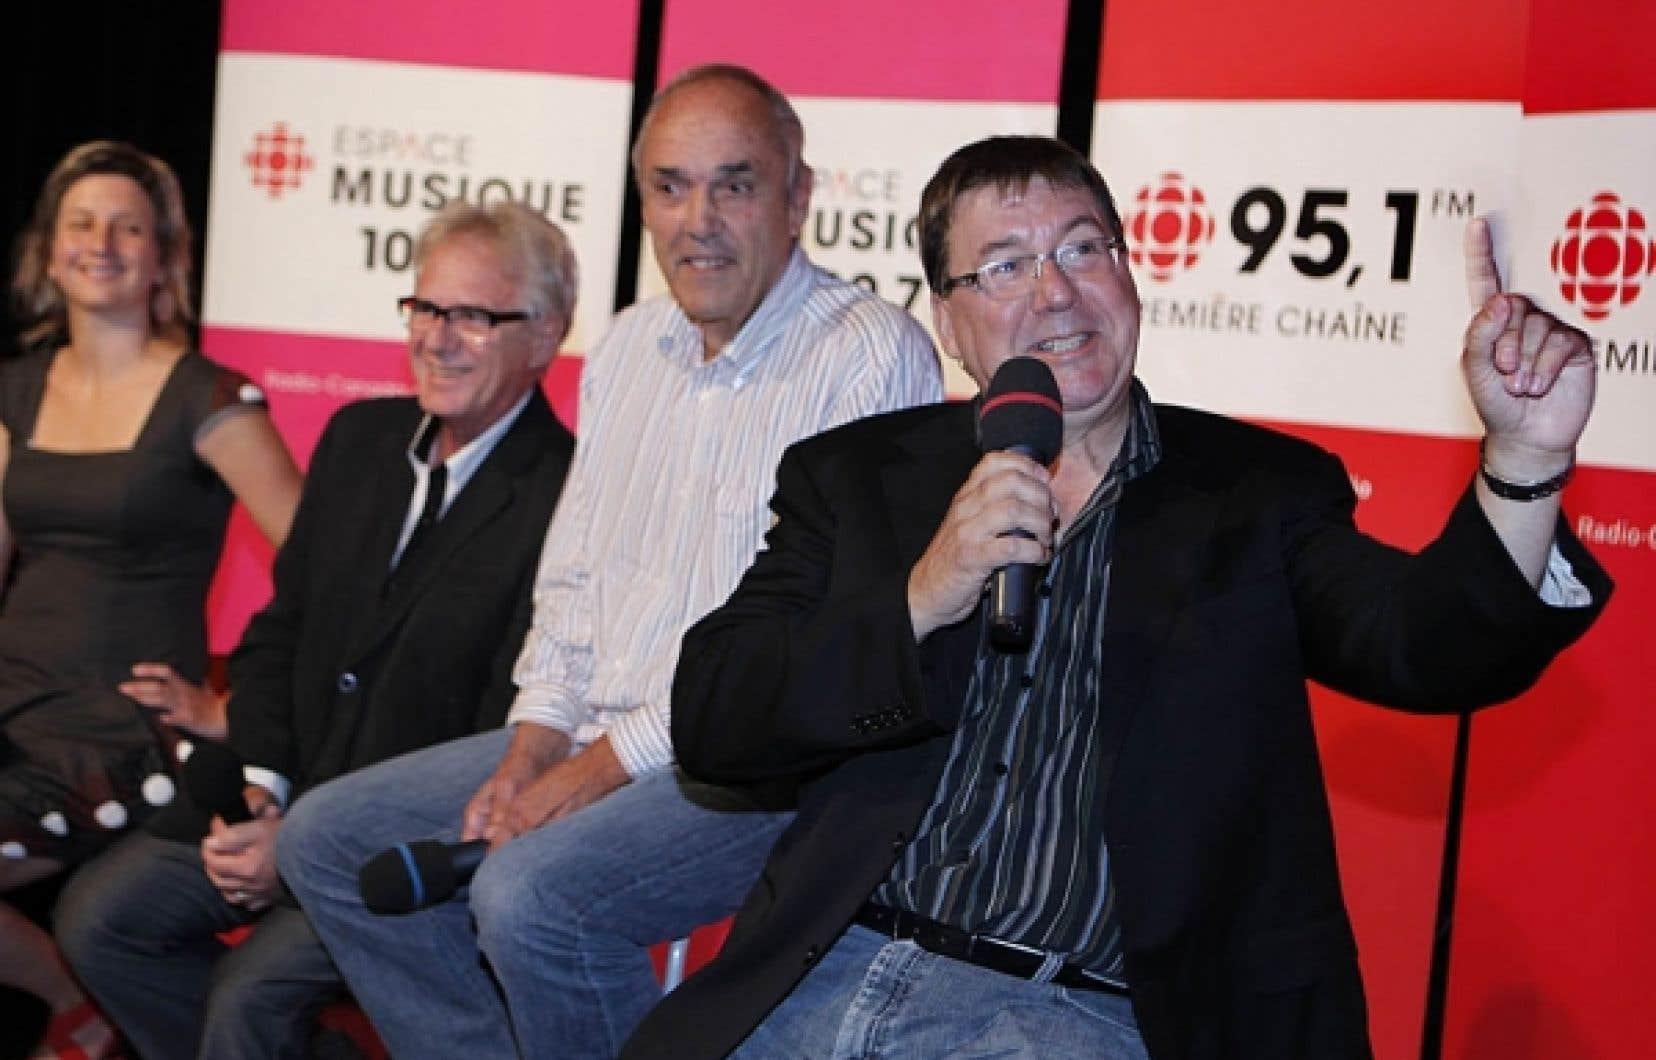 Rémy Girard, une nouvelle voix au micro (Tout un cinéma), devant deux vétérans des ondes à la barre de nouvelles émissions: Claude Saucier (Que sera sera) à droite et Jacques Beaulieu (Sur la route). Ils symbolisent l'équilibre trouvé dans la programmation d'Espace Musique de Radio-Canada.